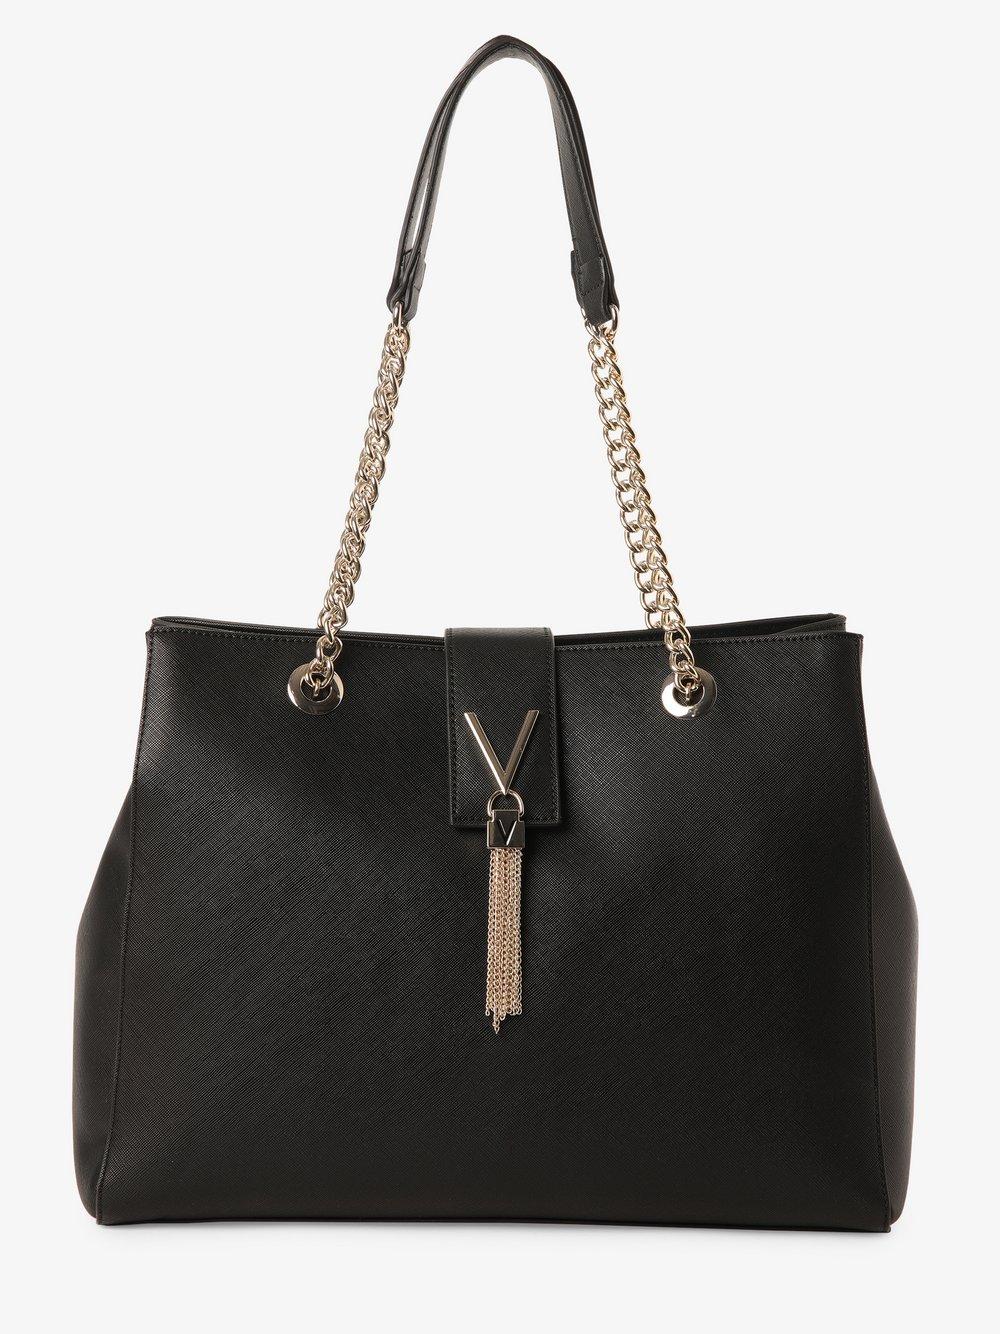 VALENTINO HANDBAGS – Damska torba shopper – Divina, czarny Van Graaf 465425-0001-00000